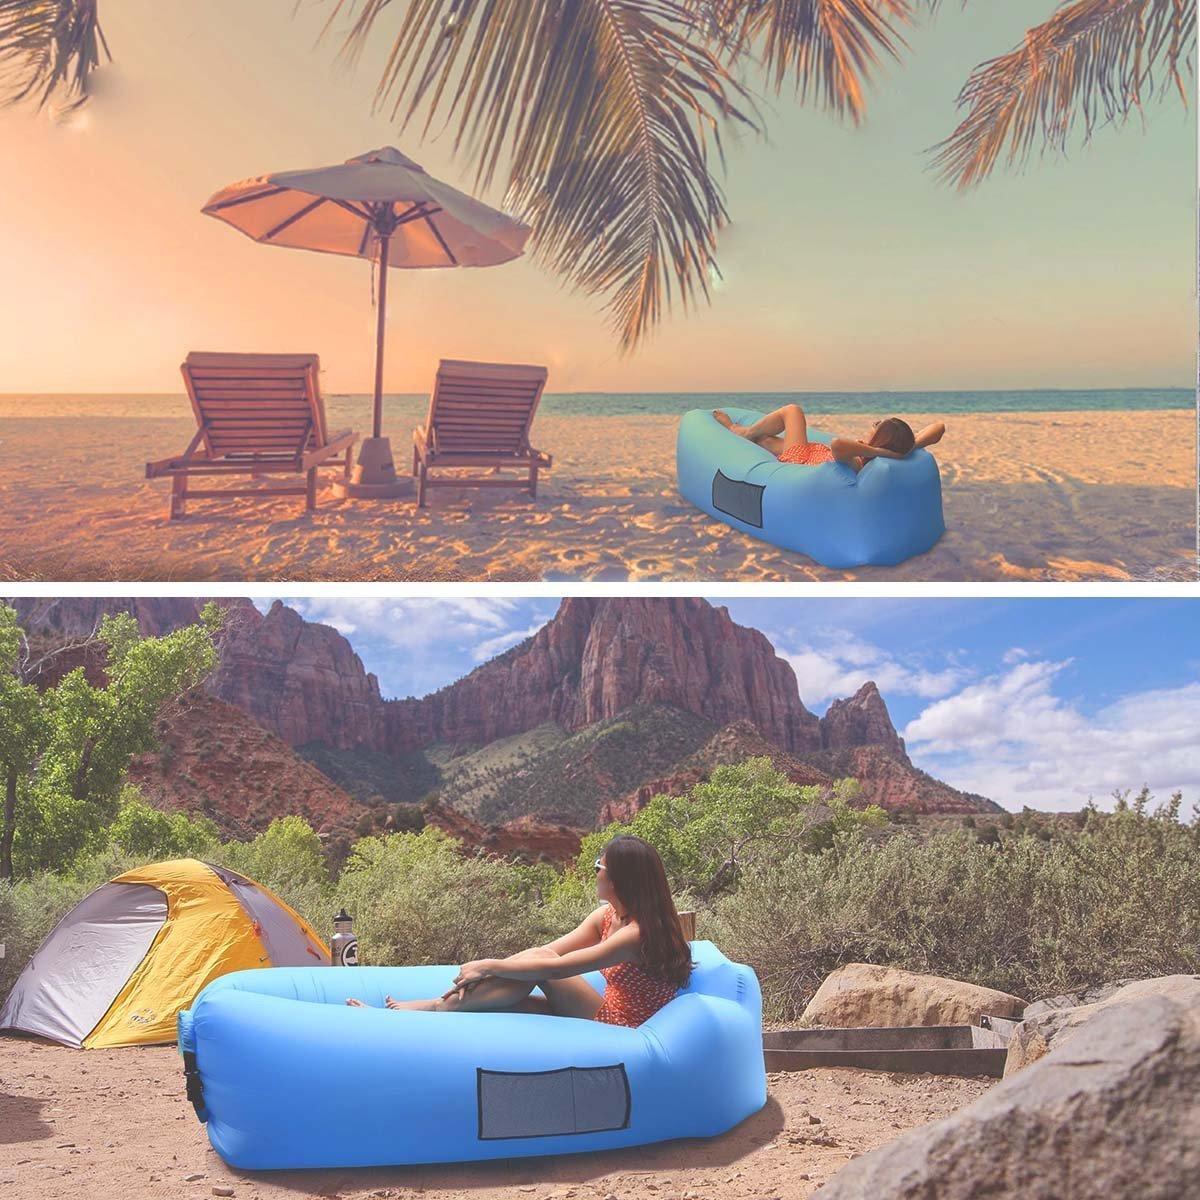 Summer gadget 4